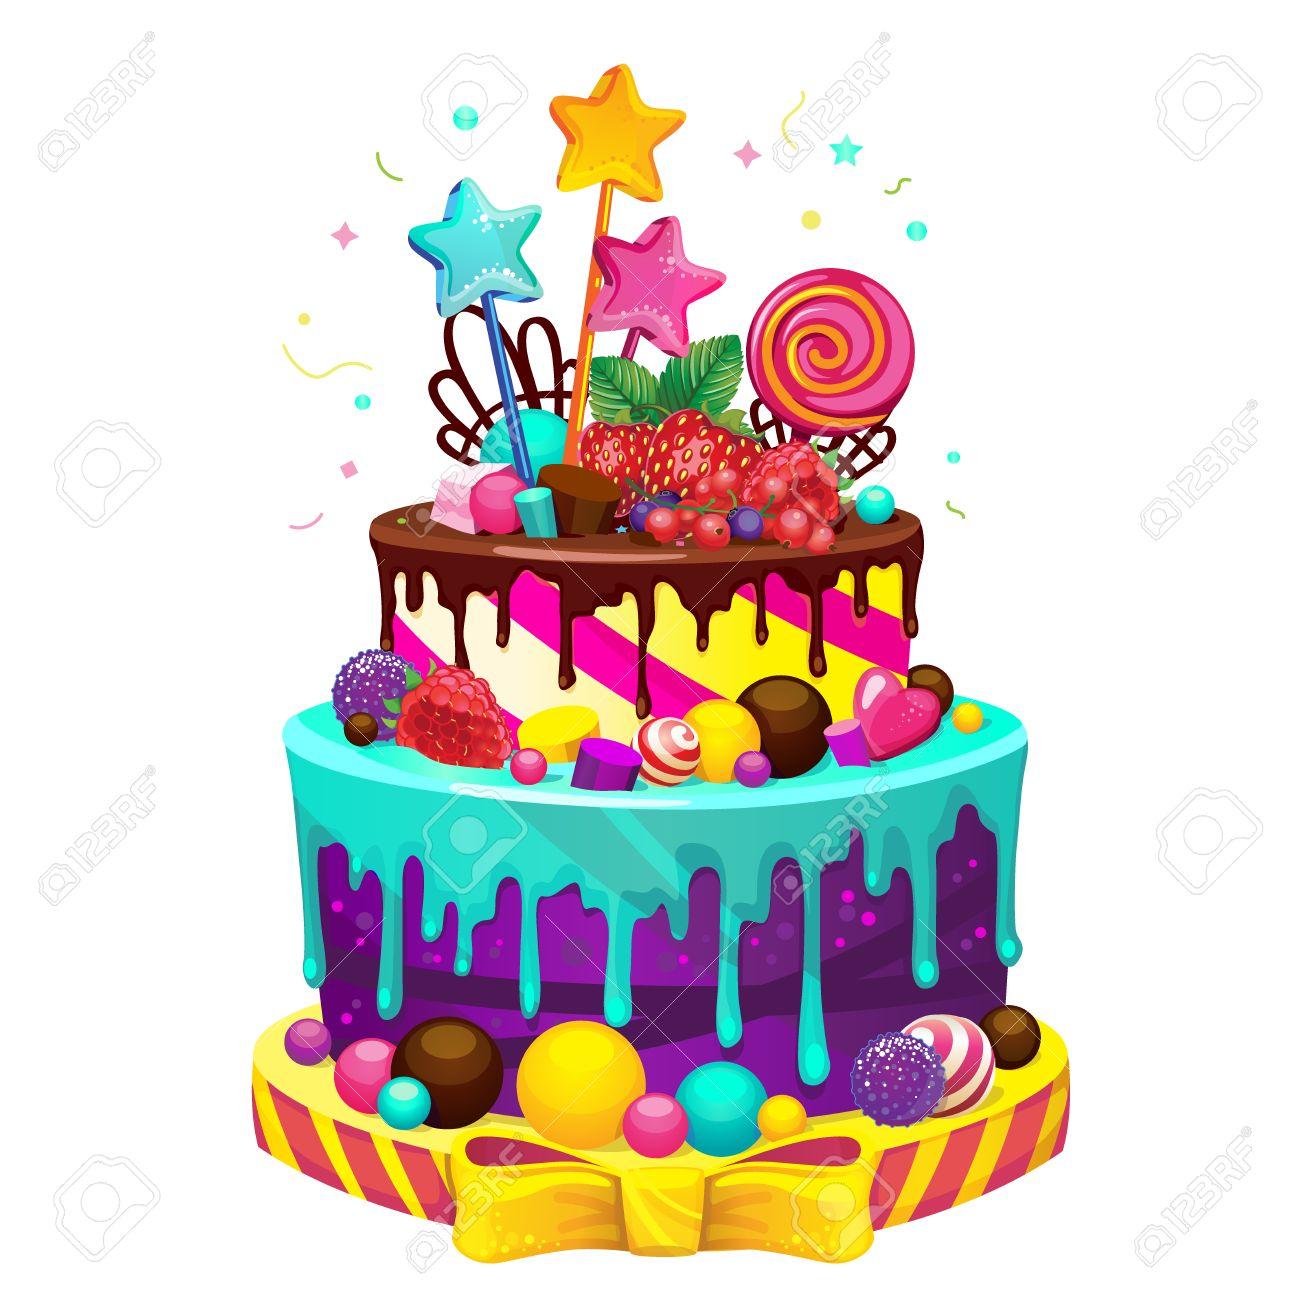 feest taart Gelukkige Verjaardagstaart. Heldere Vector Geïsoleerde Illustratie  feest taart